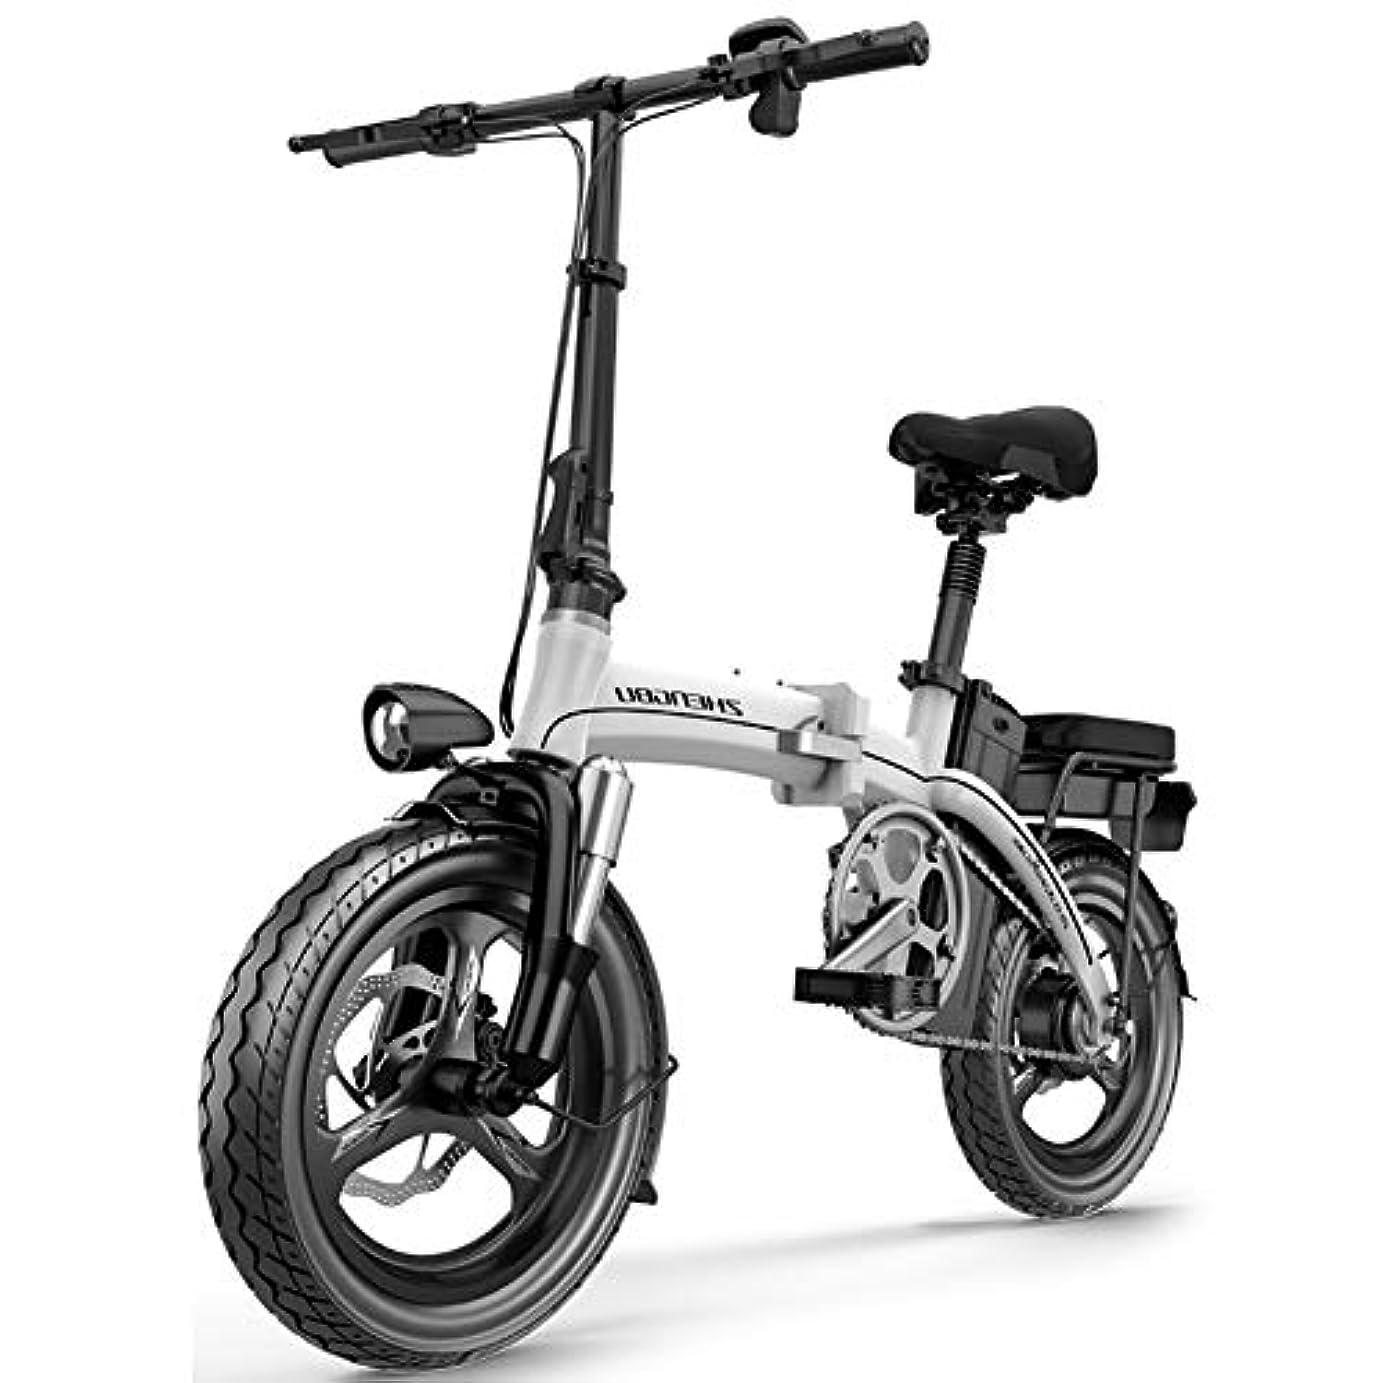 亜熱帯ウガンダ重荷大人用電動バイク、市都市通勤男性女性ティーンエイジャーのための適切なLCDディスプレイ付き折りたたみ自転車3モード12-23AH 400W 48V 14インチ